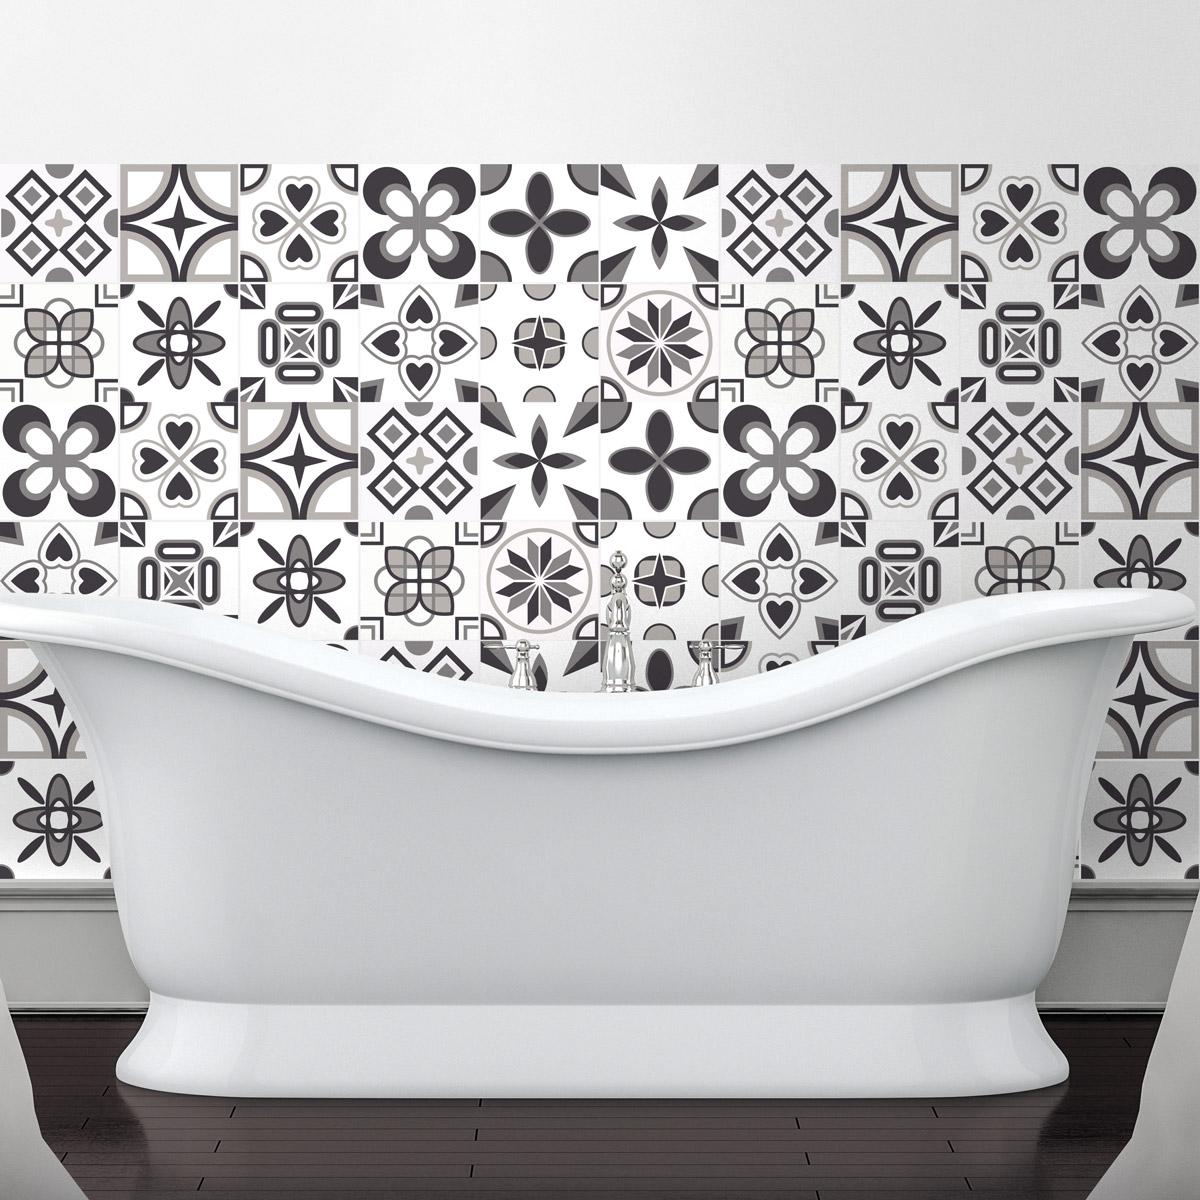 60 stickers carrelages azulejos rosaces nuance de gris art et design artistiques ambiance. Black Bedroom Furniture Sets. Home Design Ideas